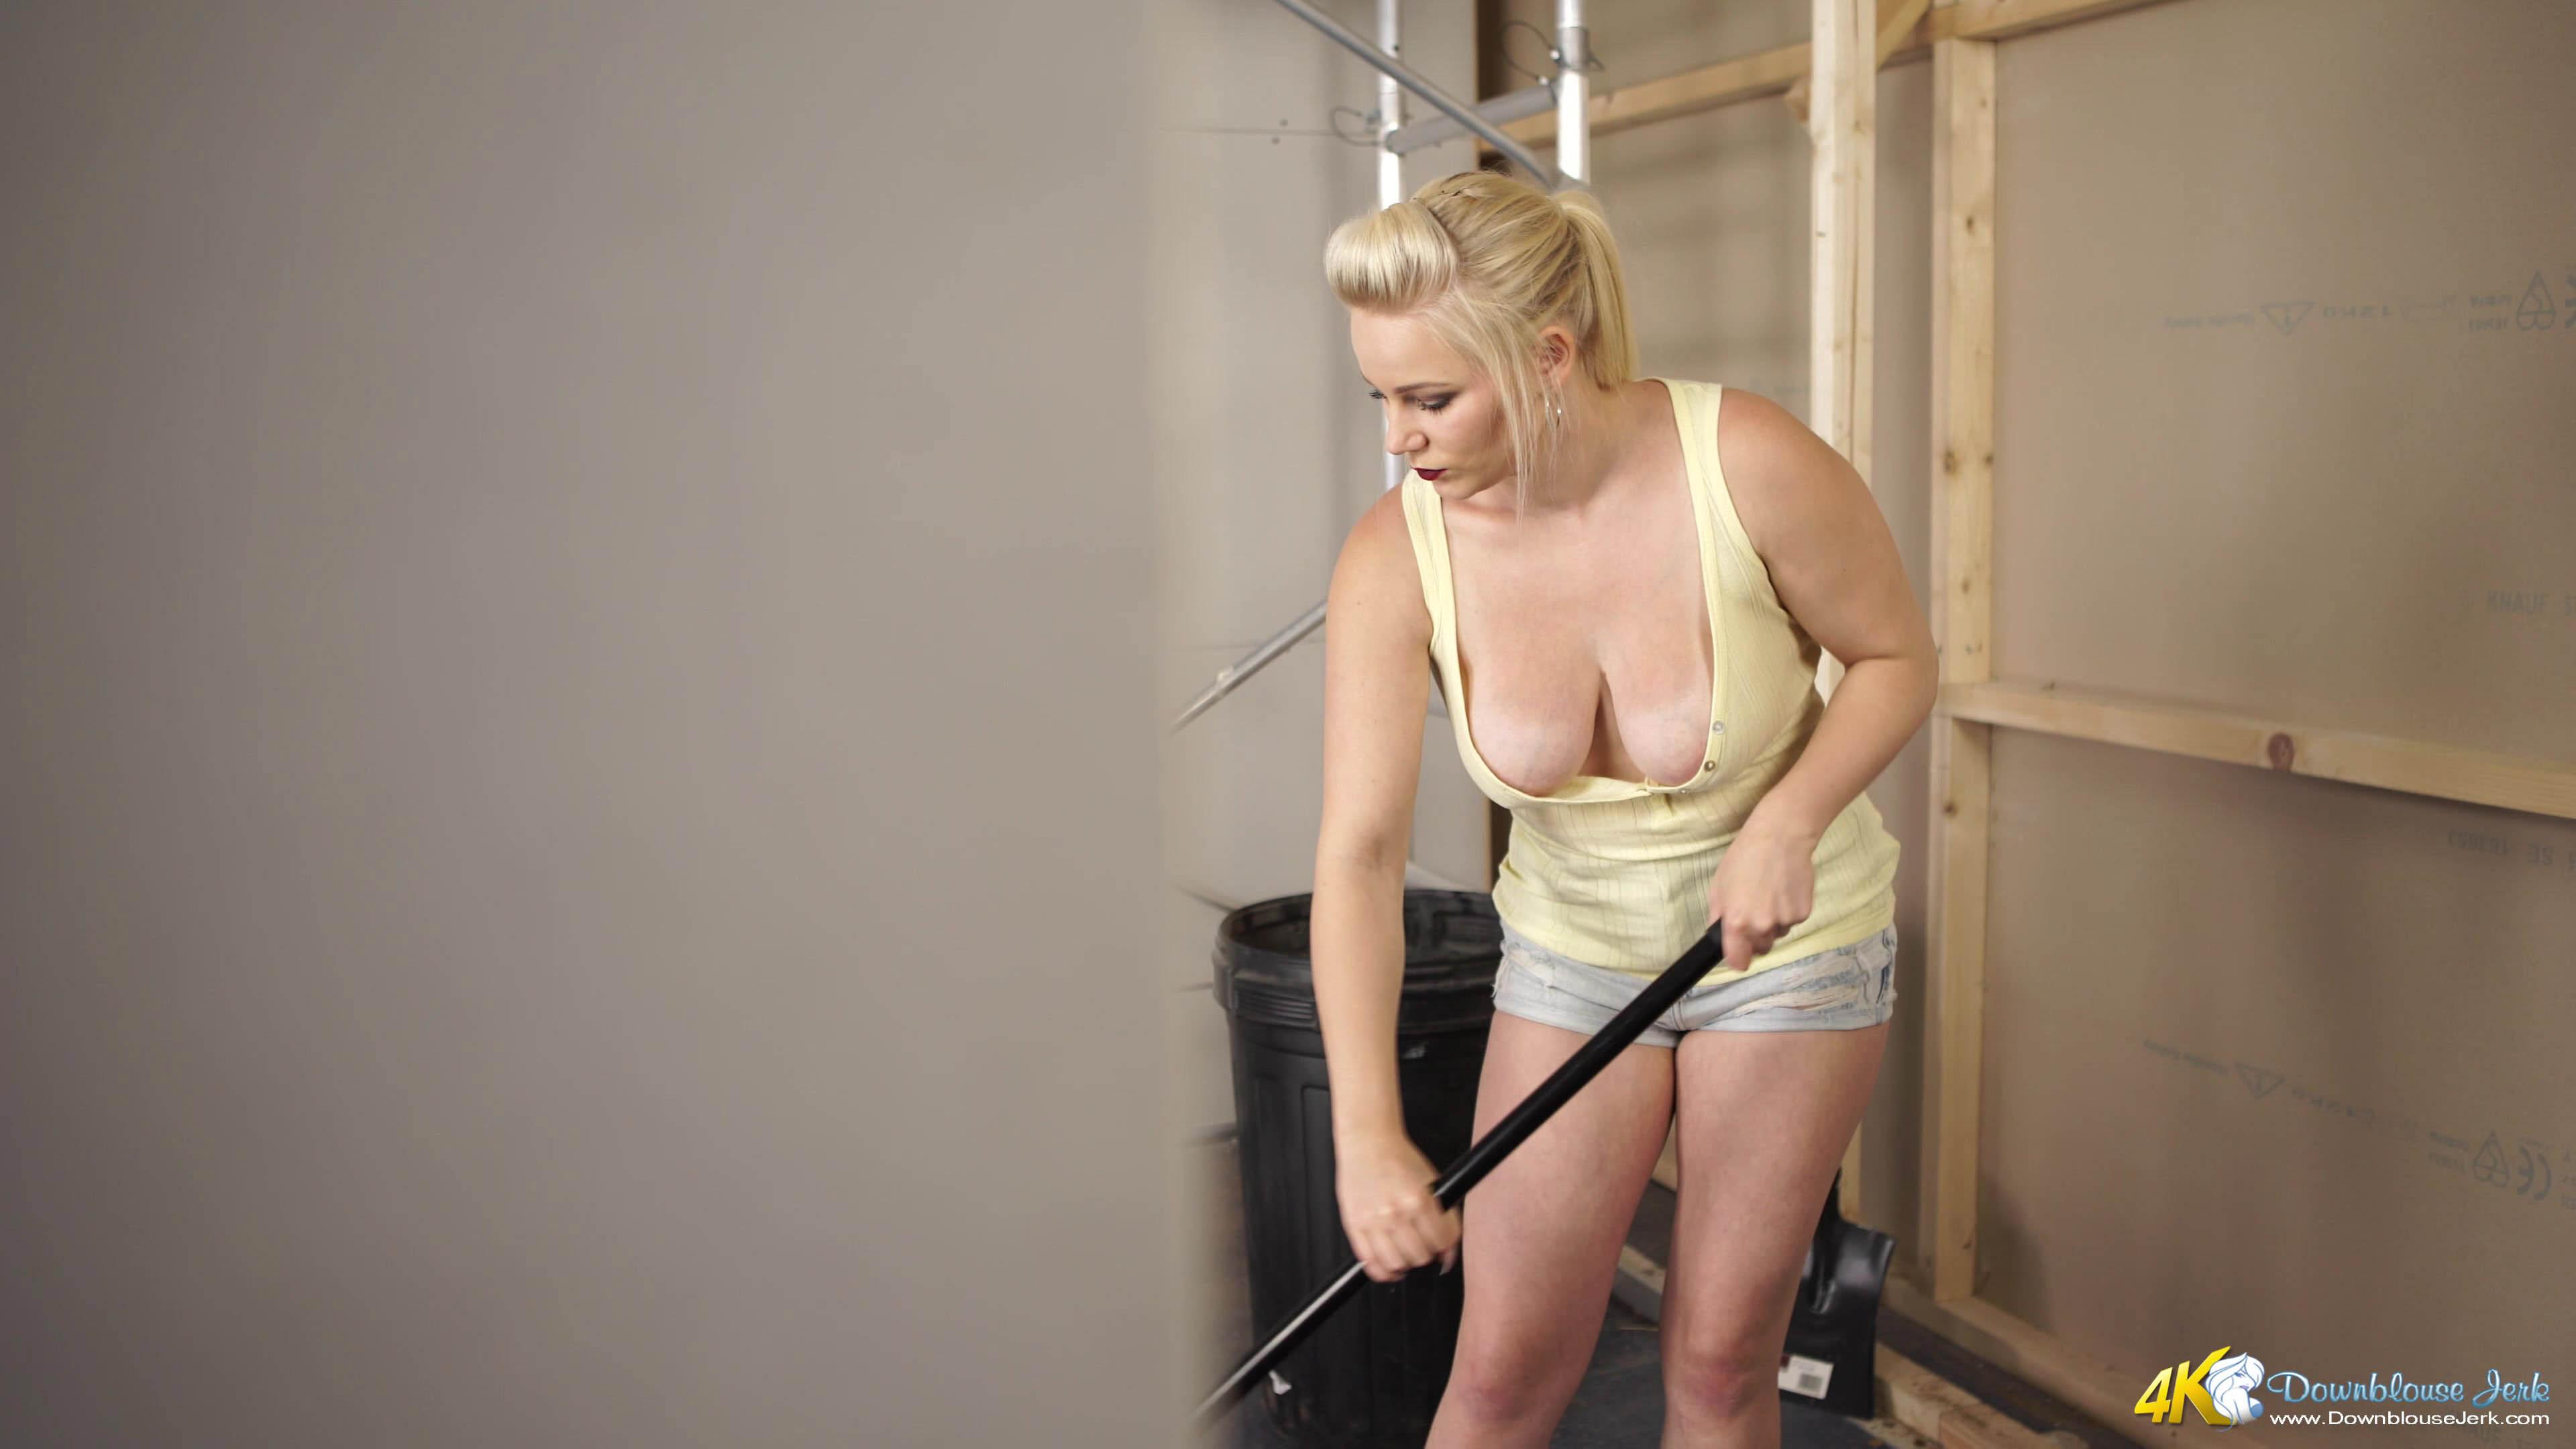 new zealand pornstars porn pics